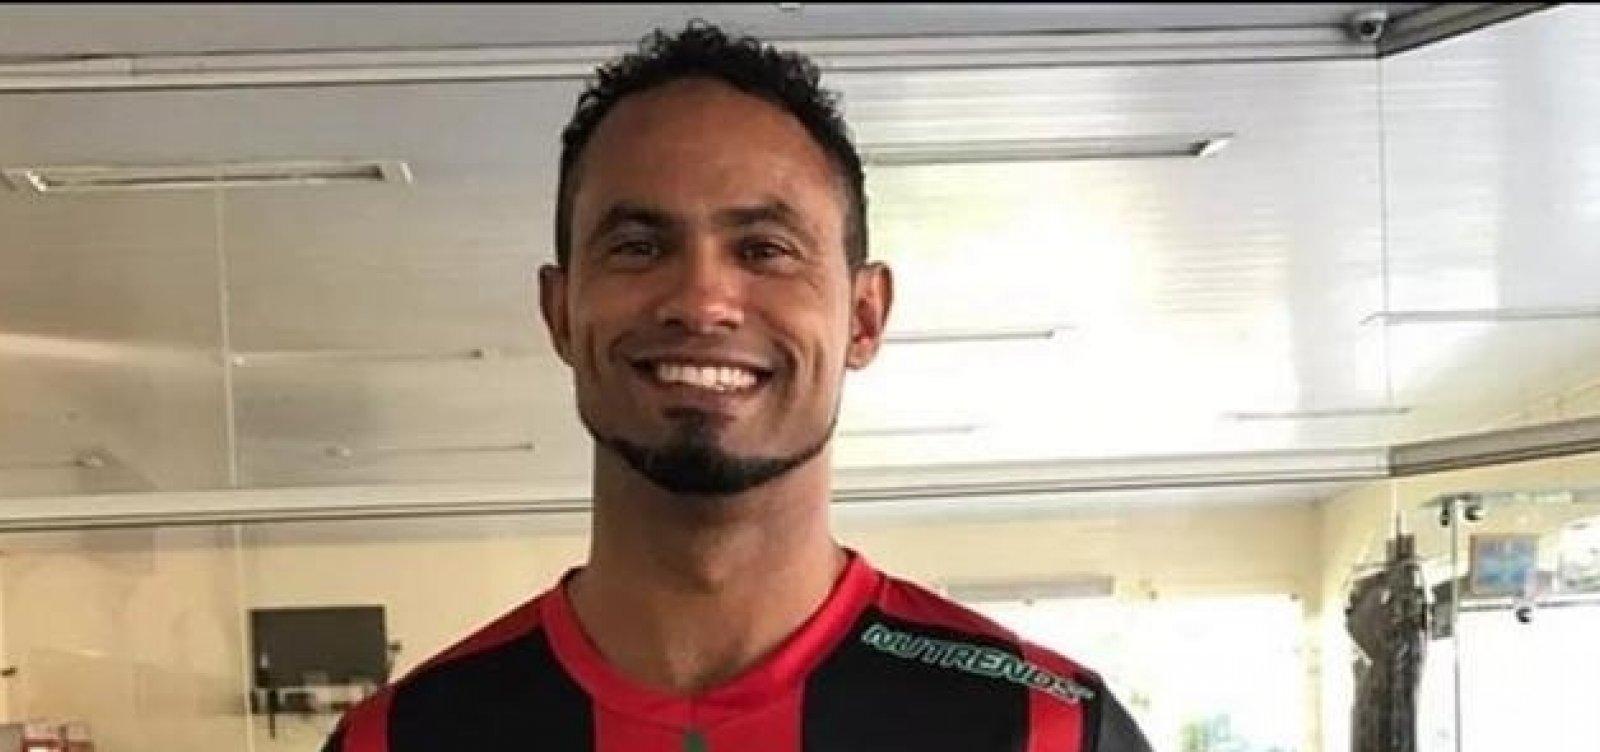 Justiça cancela benefício de goleiro Bruno após vídeo em bar